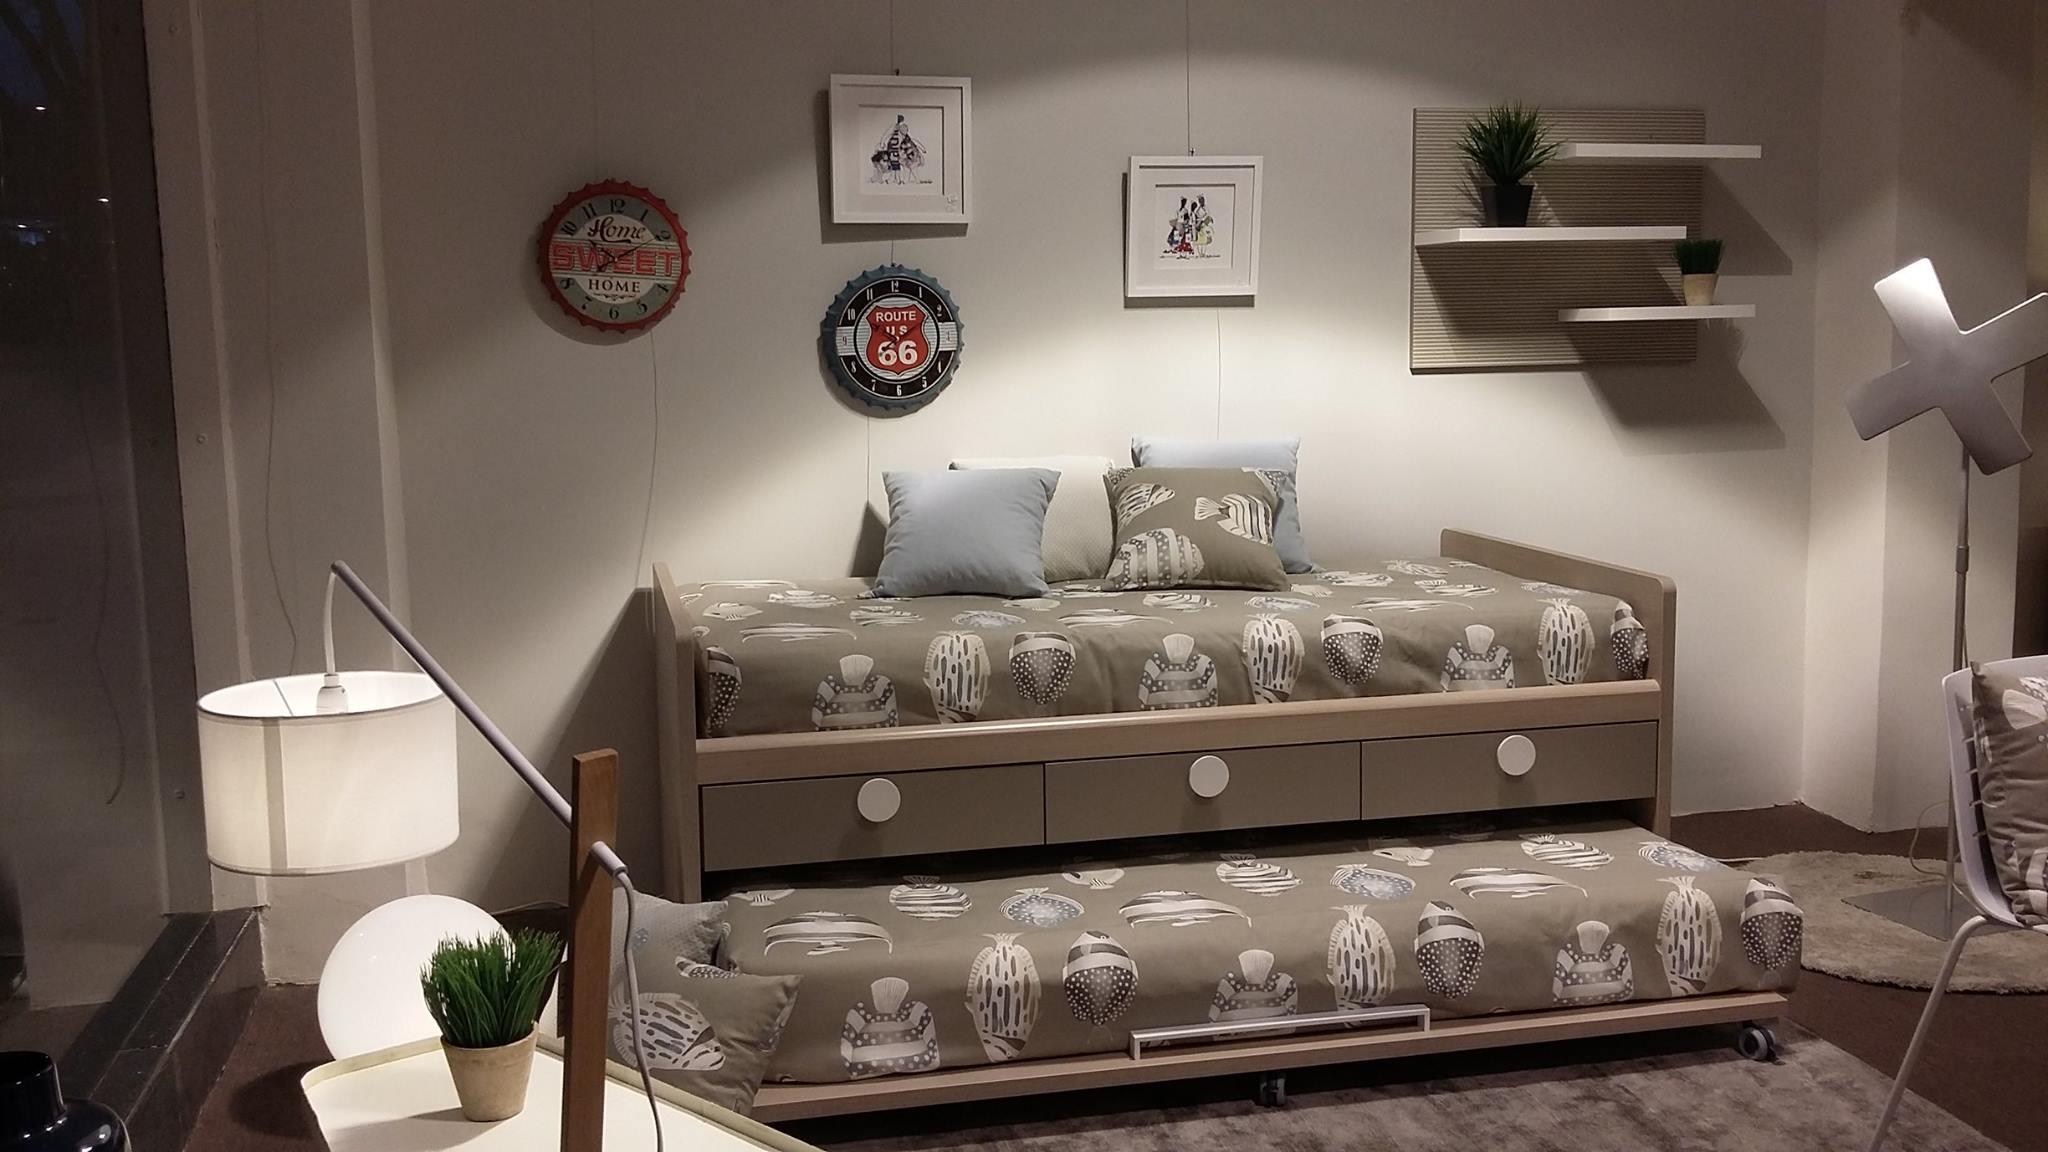 Muebles bidasoa en irun vende dormitorios juveniles - Muebles dormitorio moderno ...